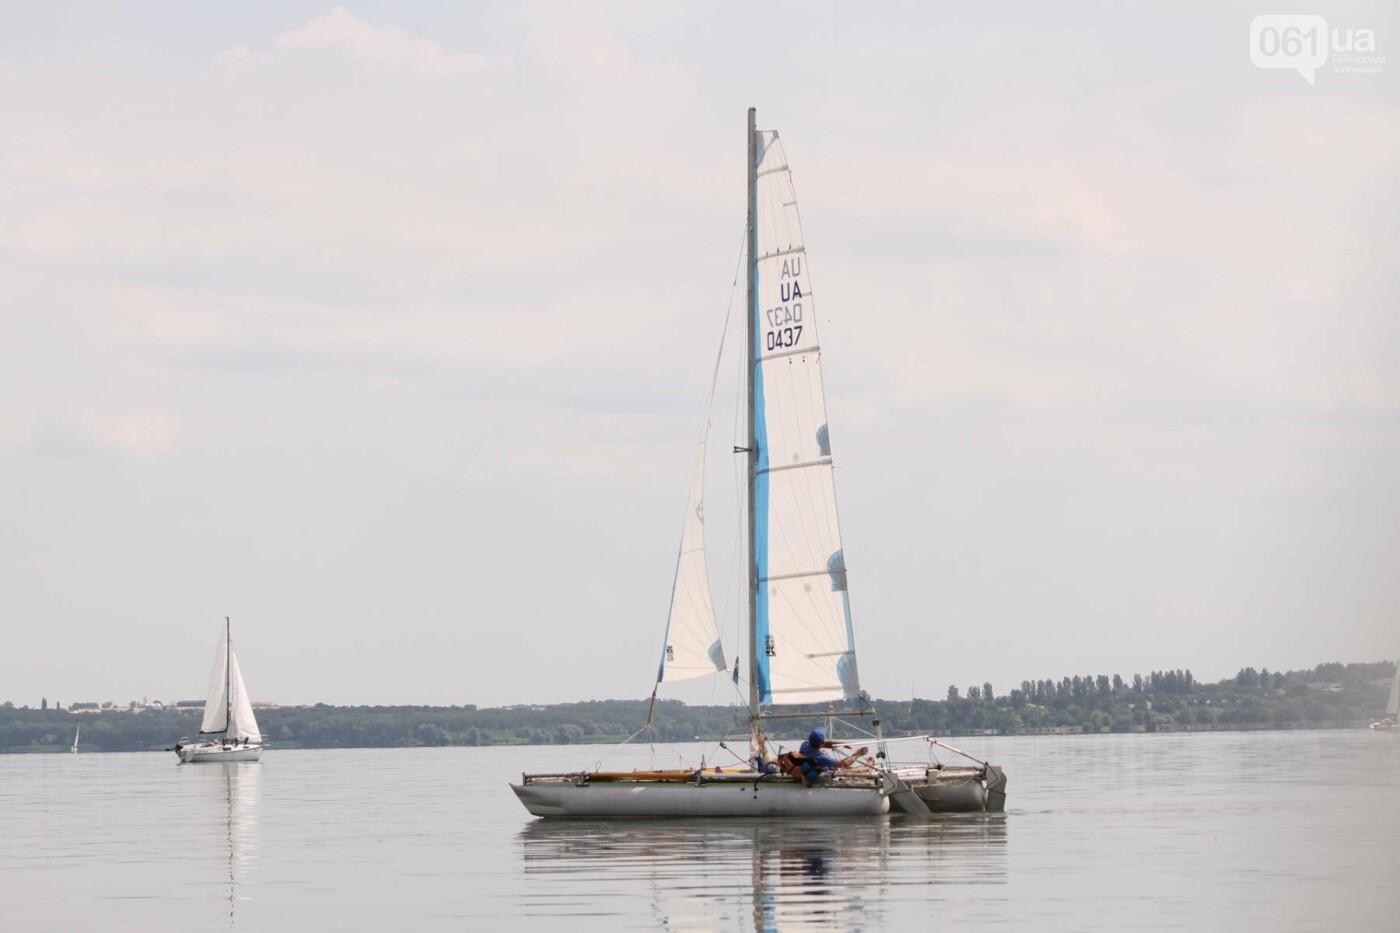 Сотни спортсменов и десятки яхт: как в Запорожье проходит парусная регата, – ФОТОРЕПОРТАЖ, фото-15